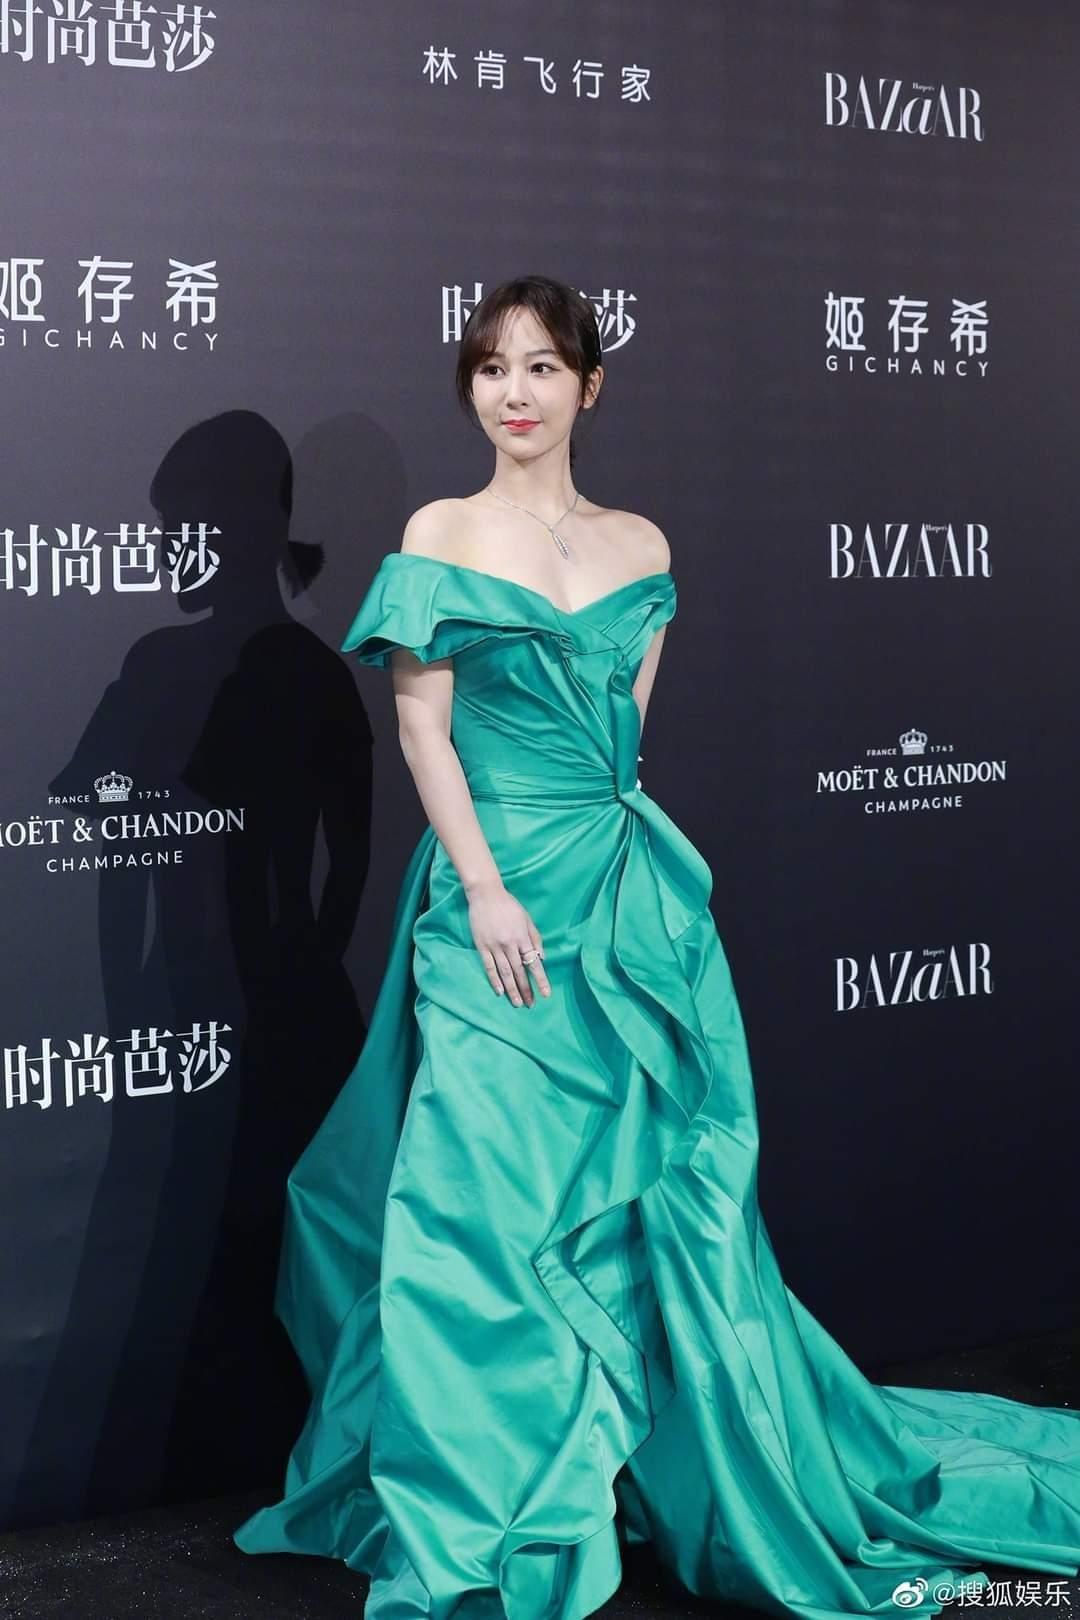 Trung thành với kiểu váy khoe vai thon trên thảm đỏ BAZAAR nhưng Dương Tử lại bị mất điểm ảnh 1